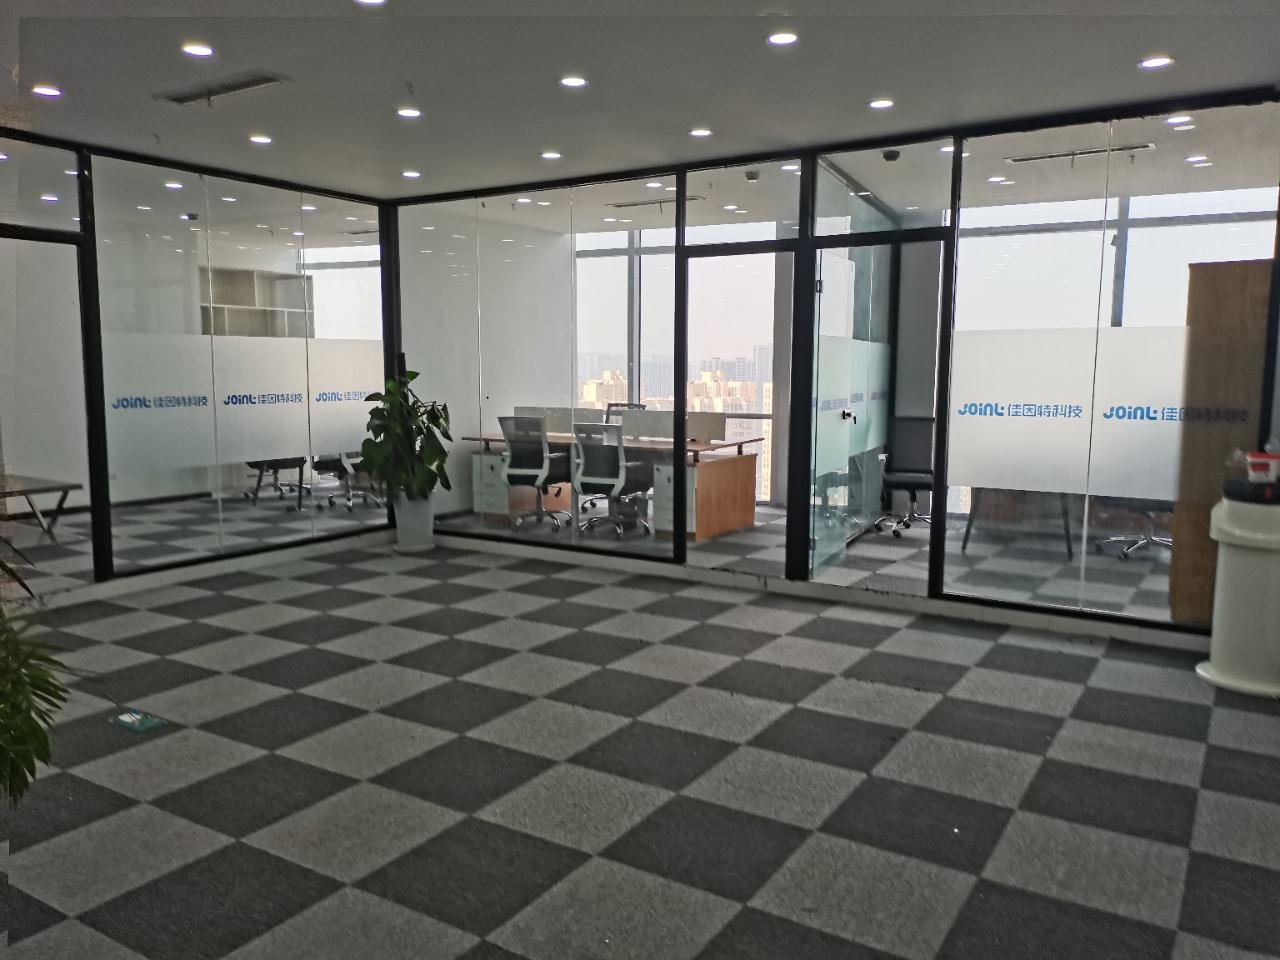 绿地468小户型 150平米3隔间+20工位 拎包办公